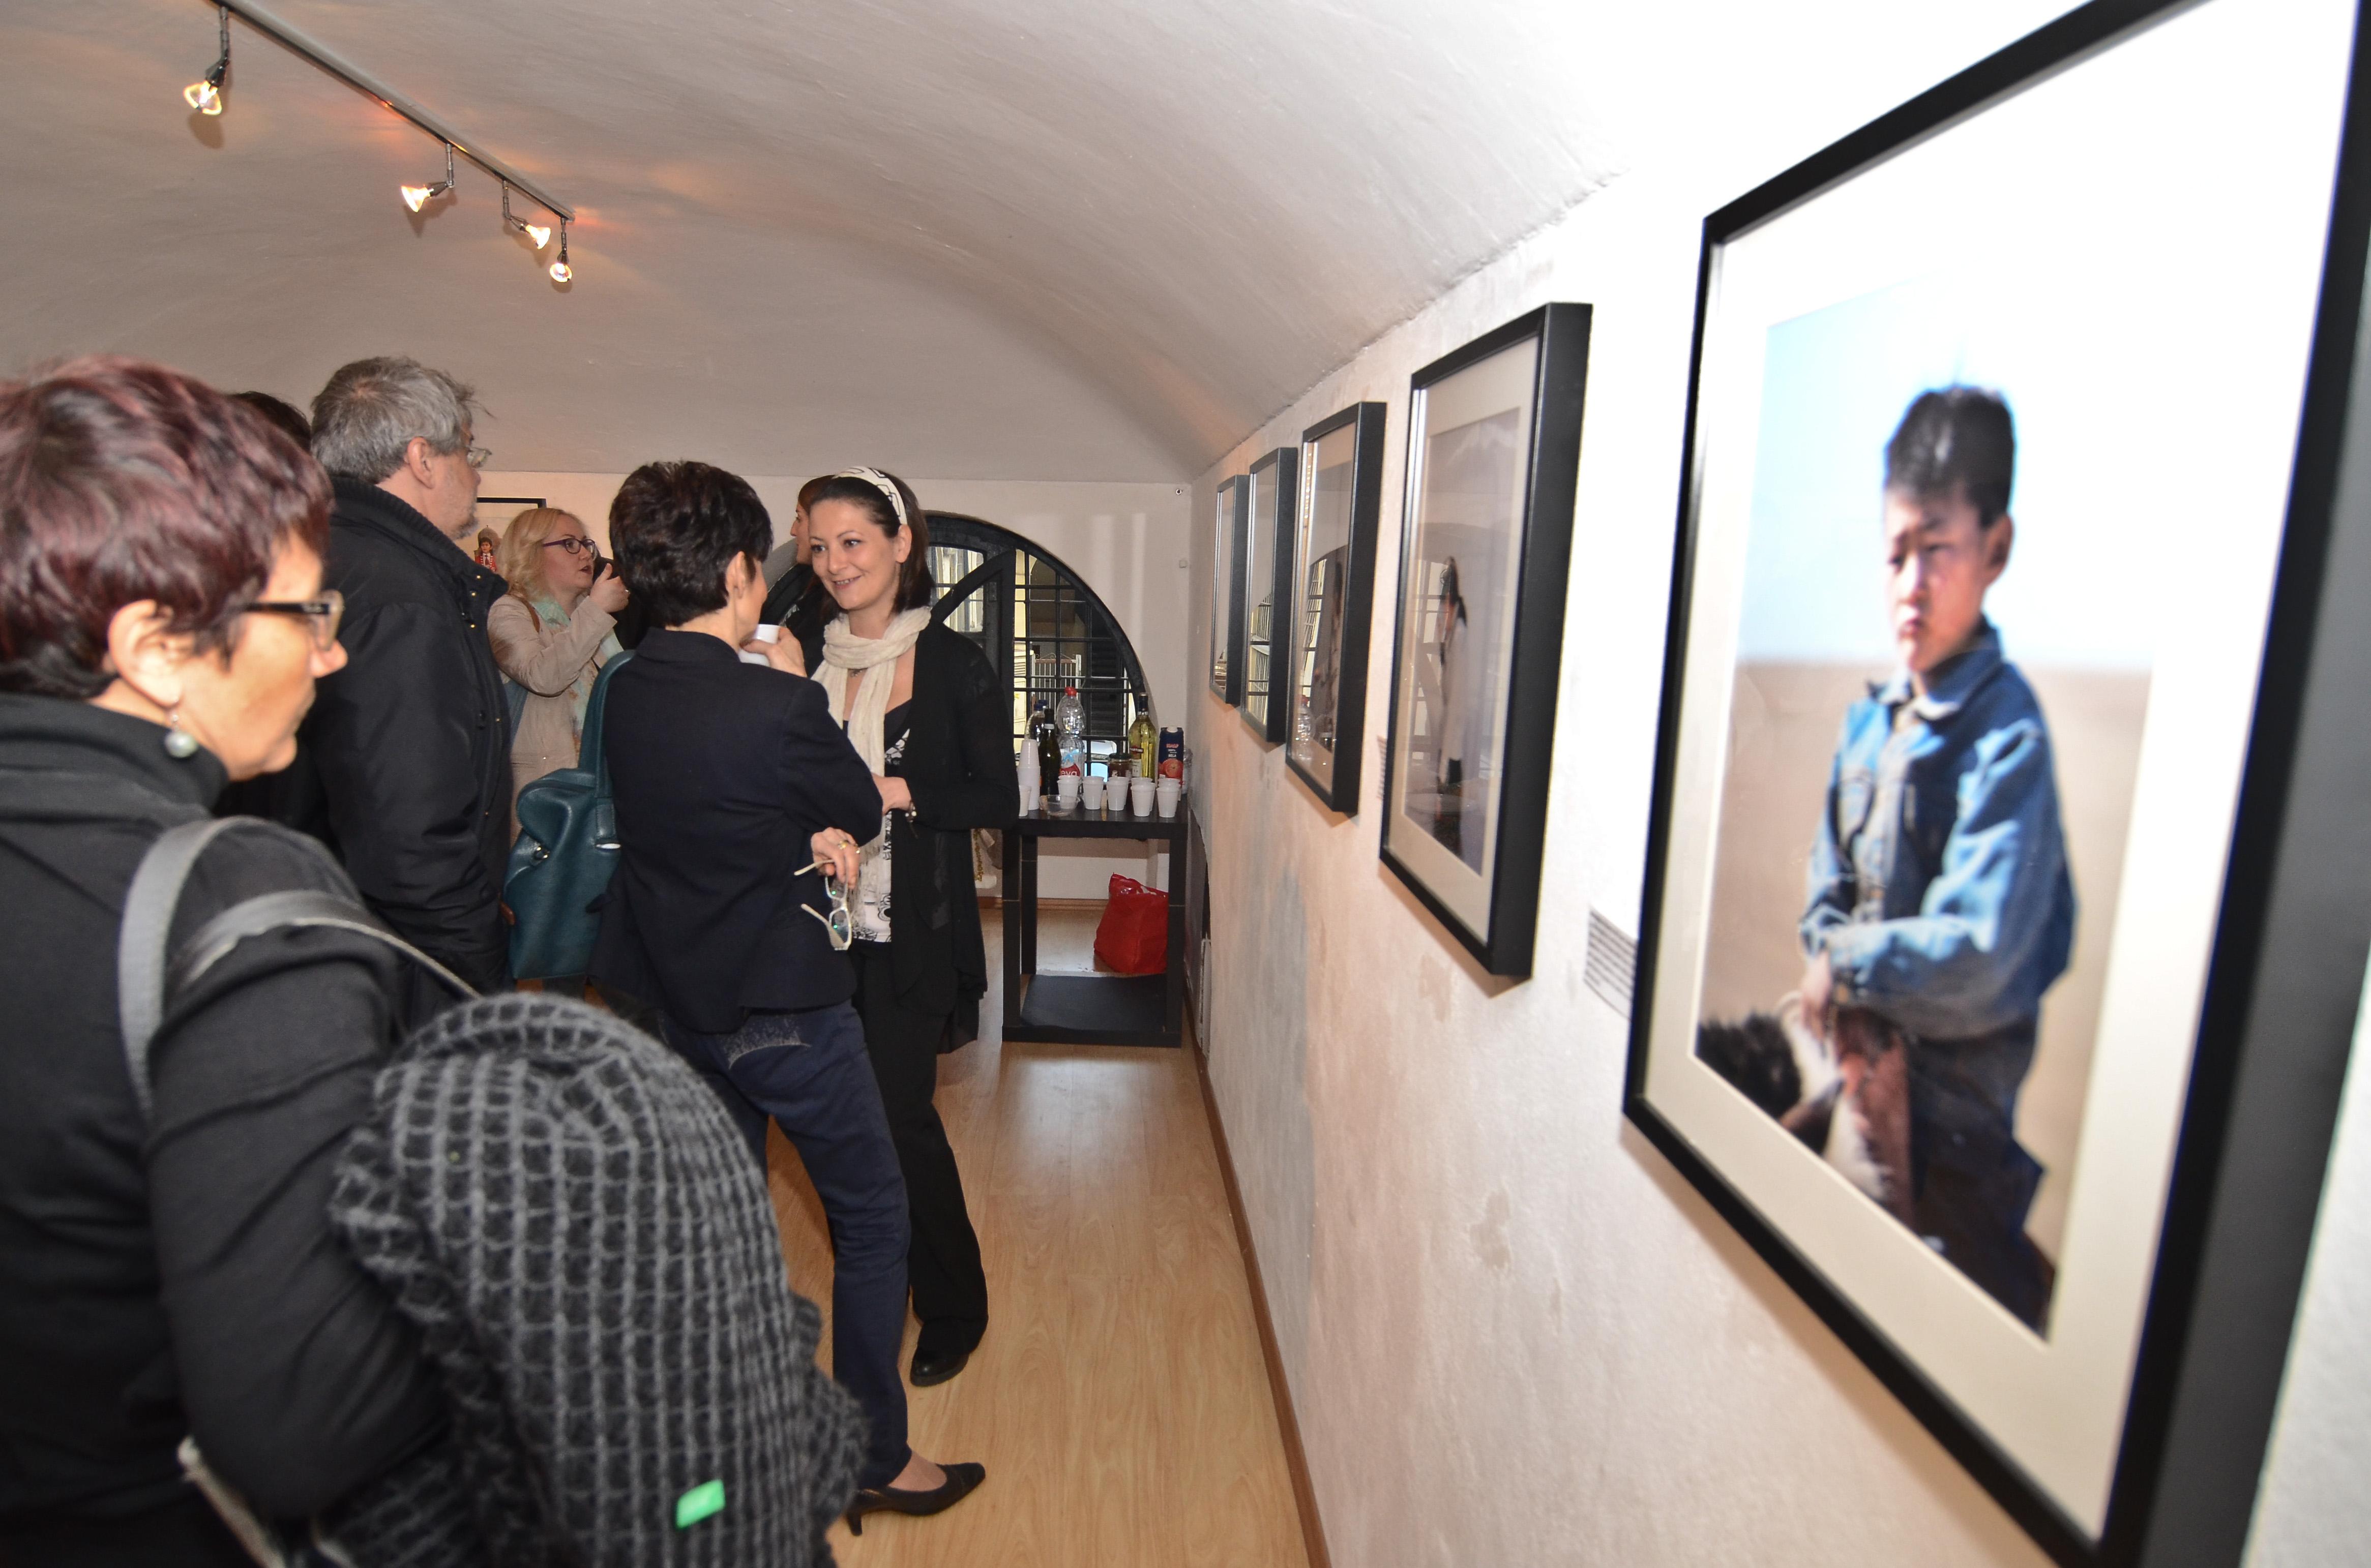 2015-04-11-Inaugurazione La Dignità Umana-Foto di Carlo Buscaglione (4)